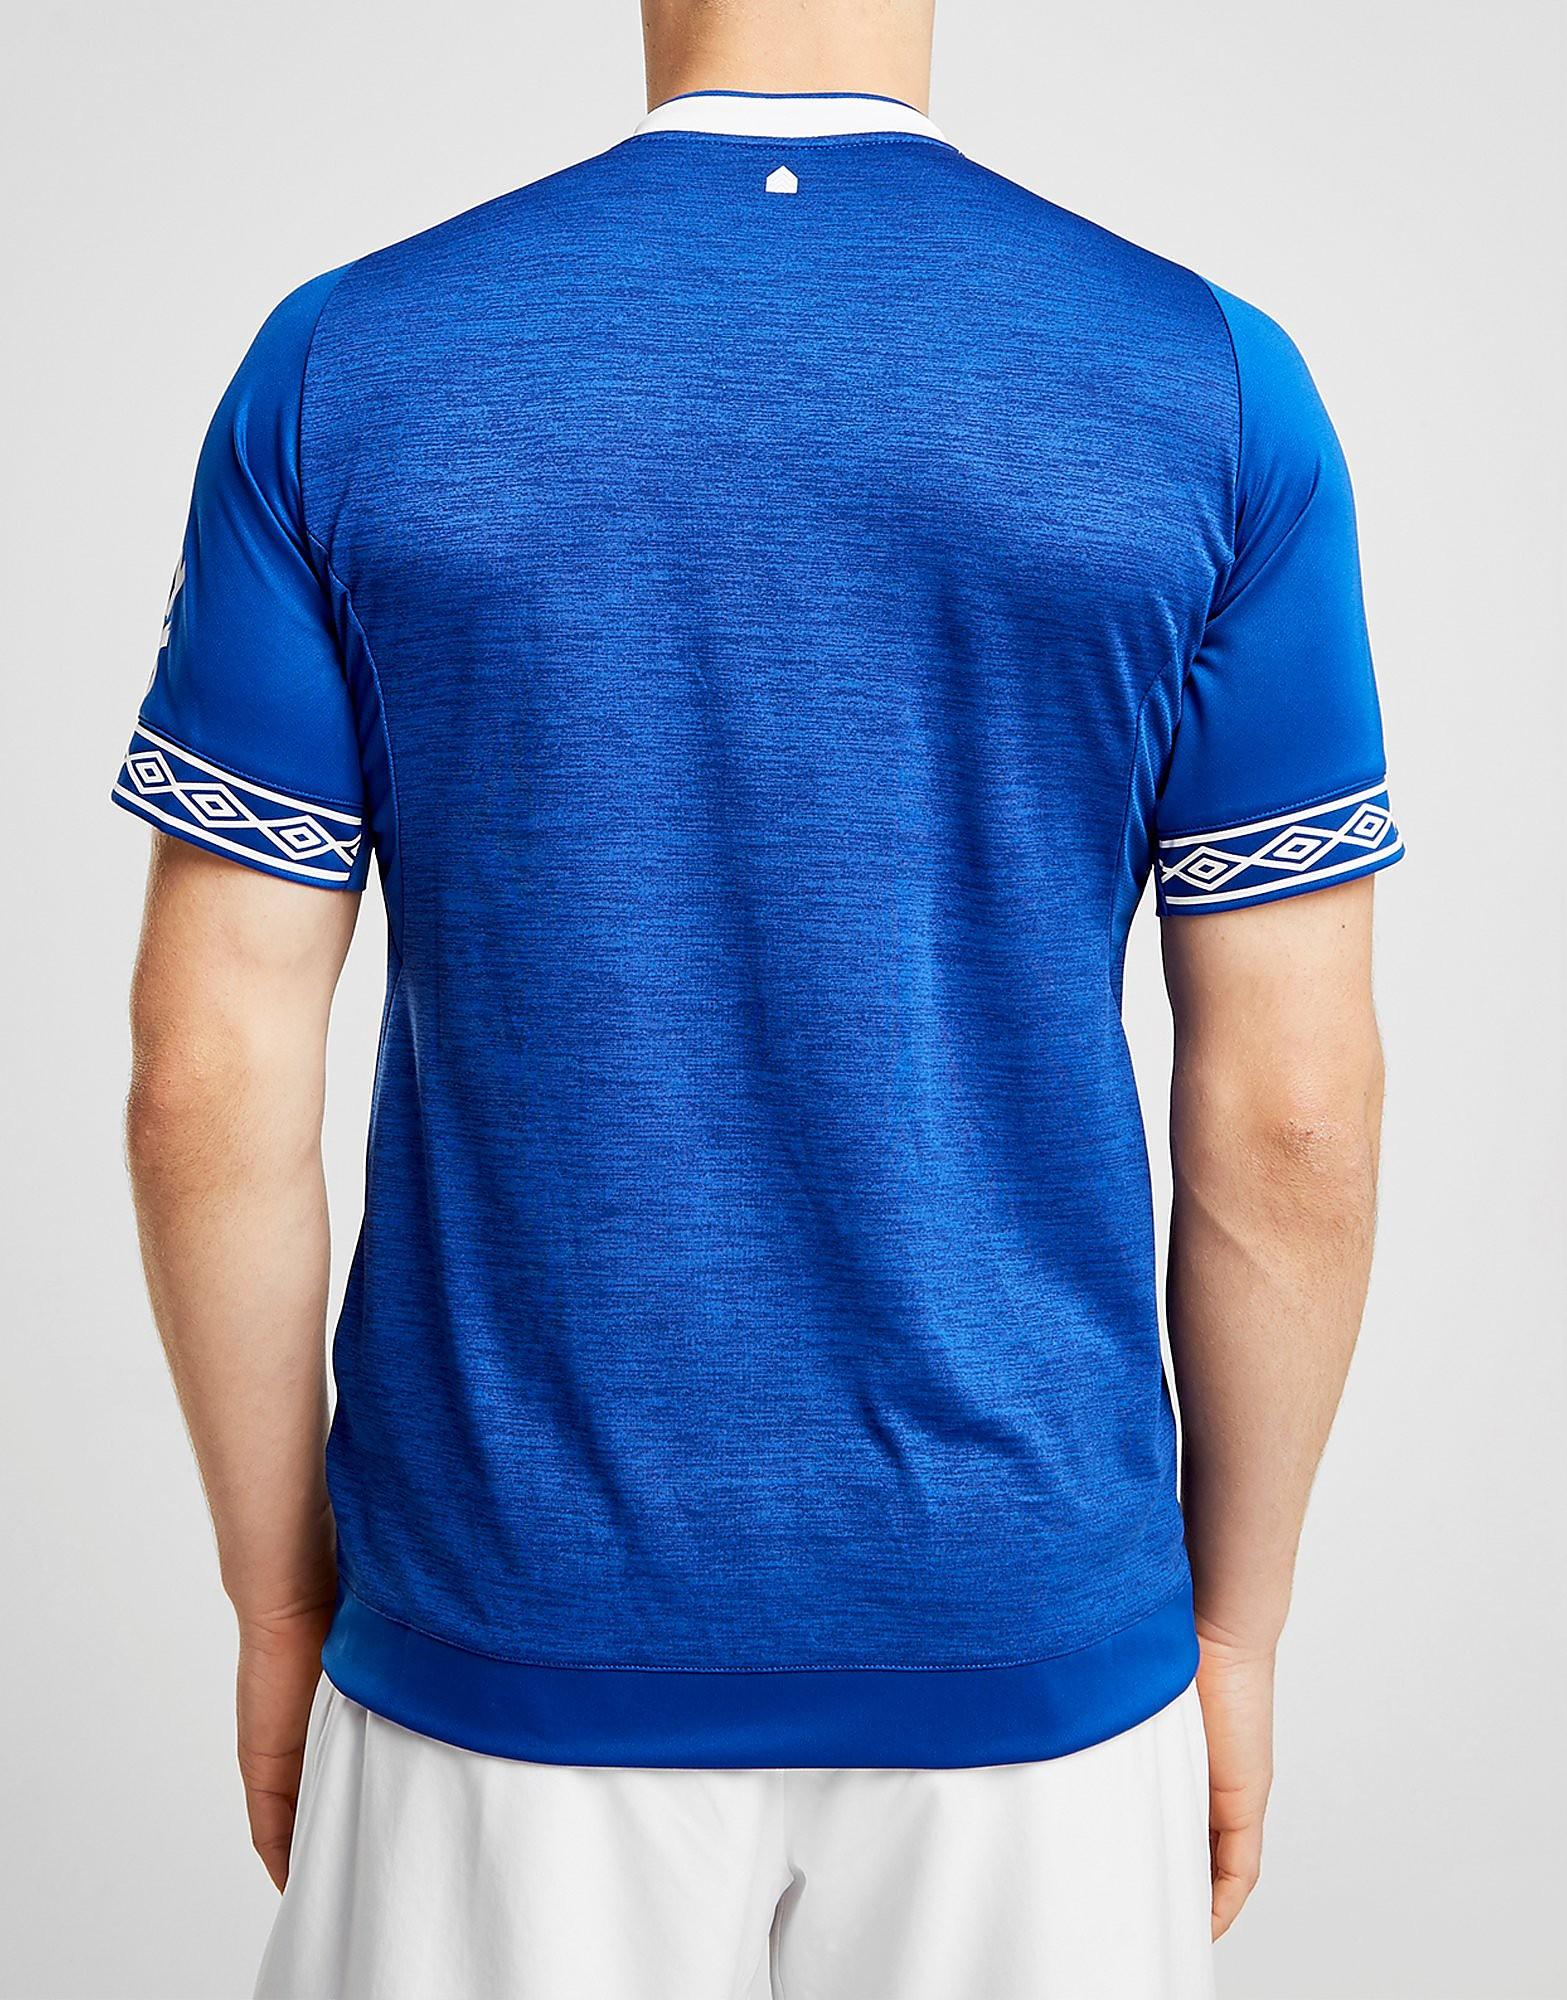 Umbro Everton FC 2018/19 Home Shirt